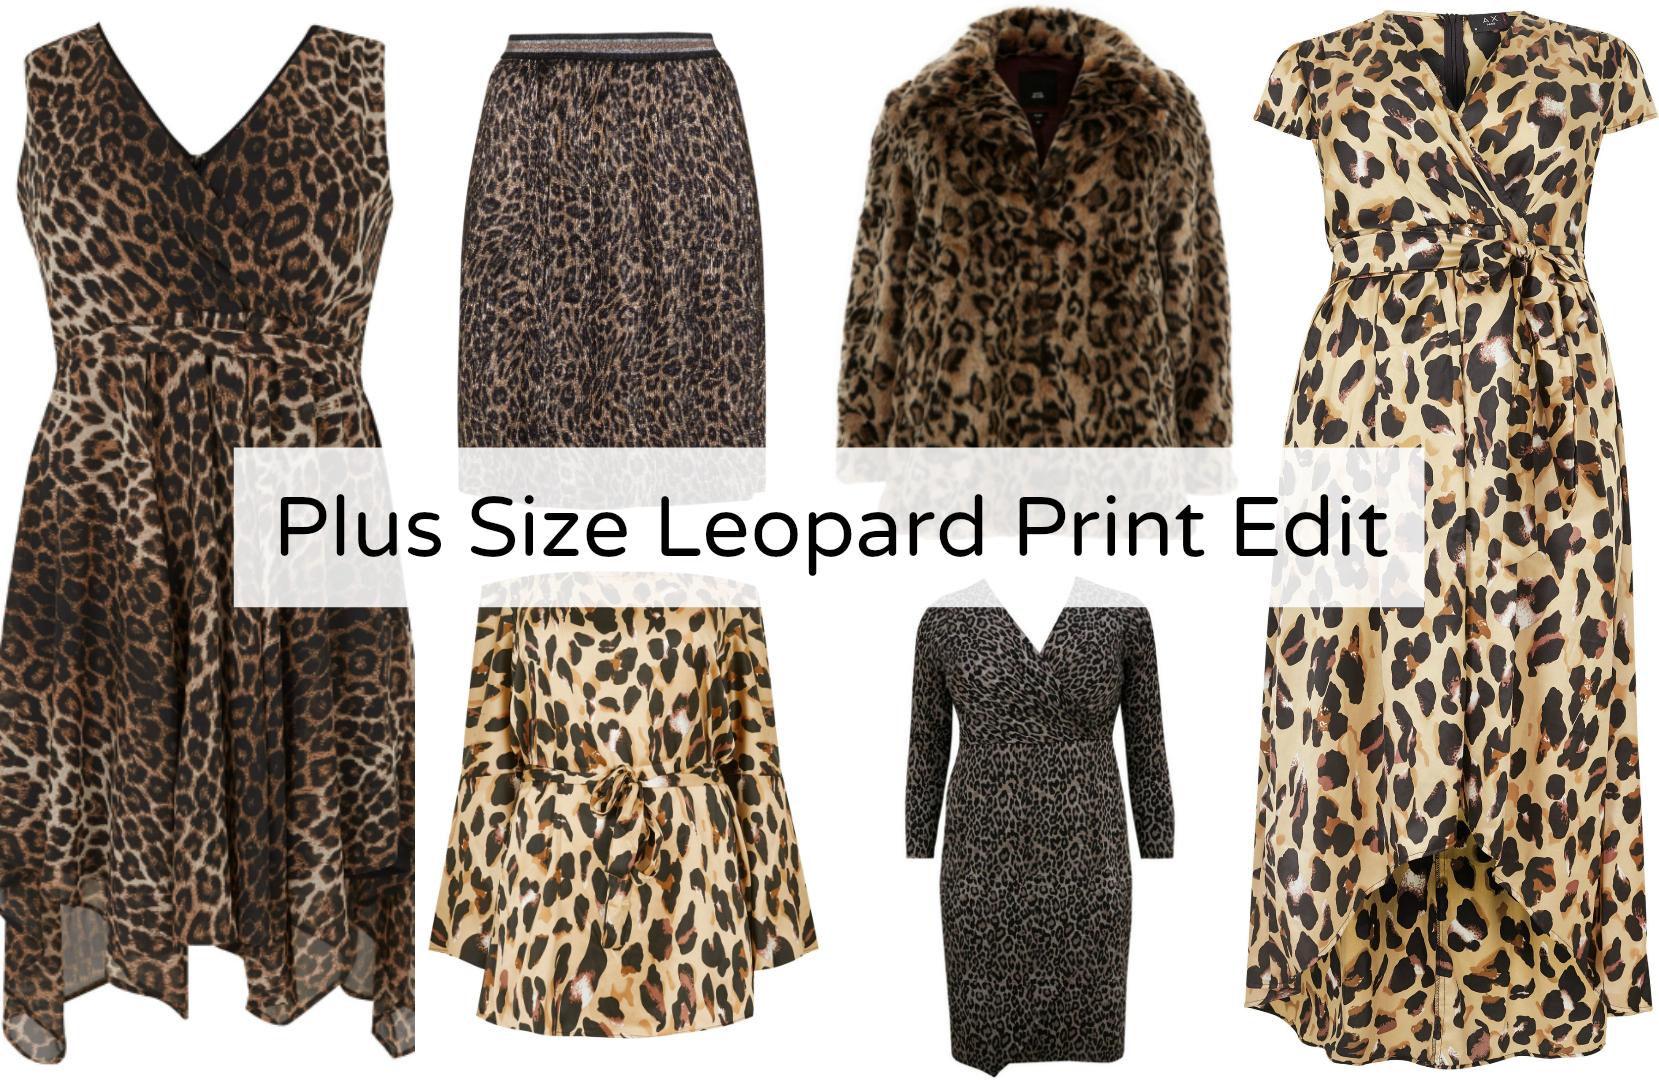 The Plus Size Leopard Print Edit